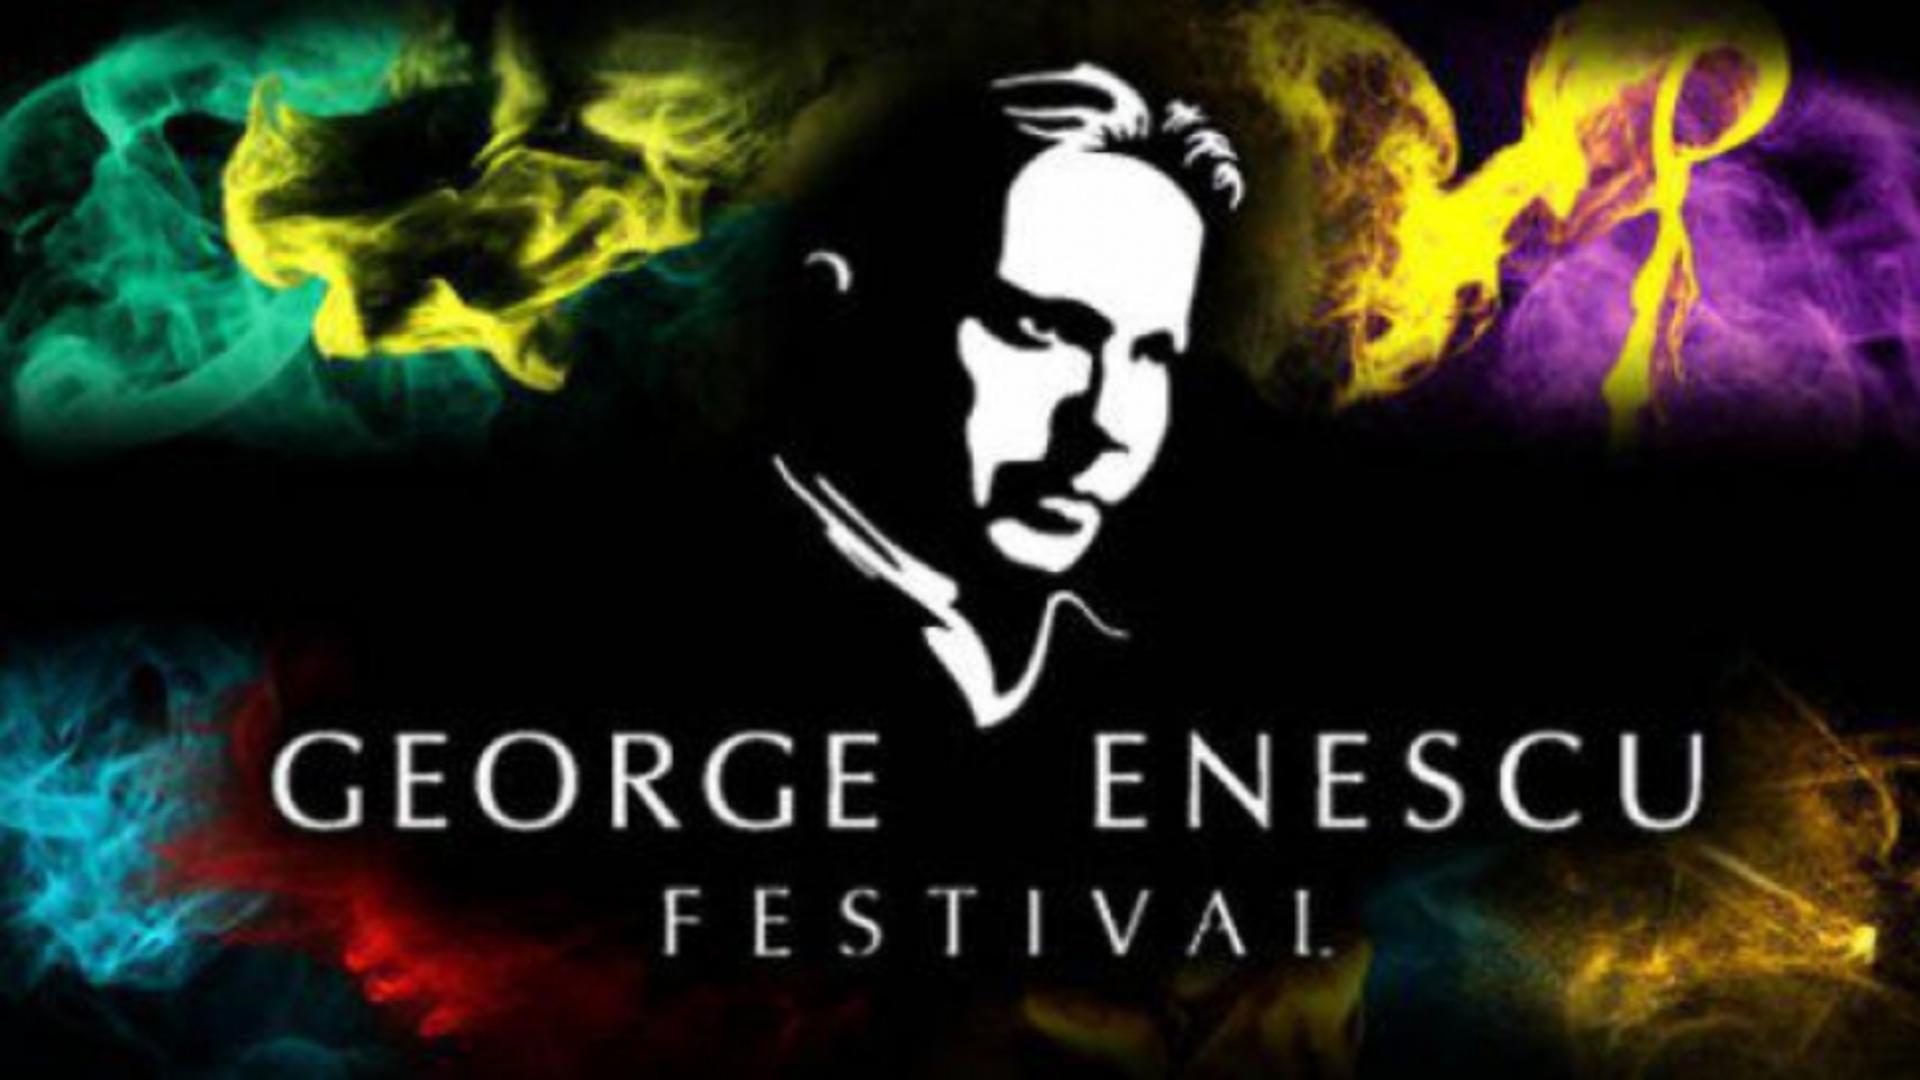 Festivalului Internațional